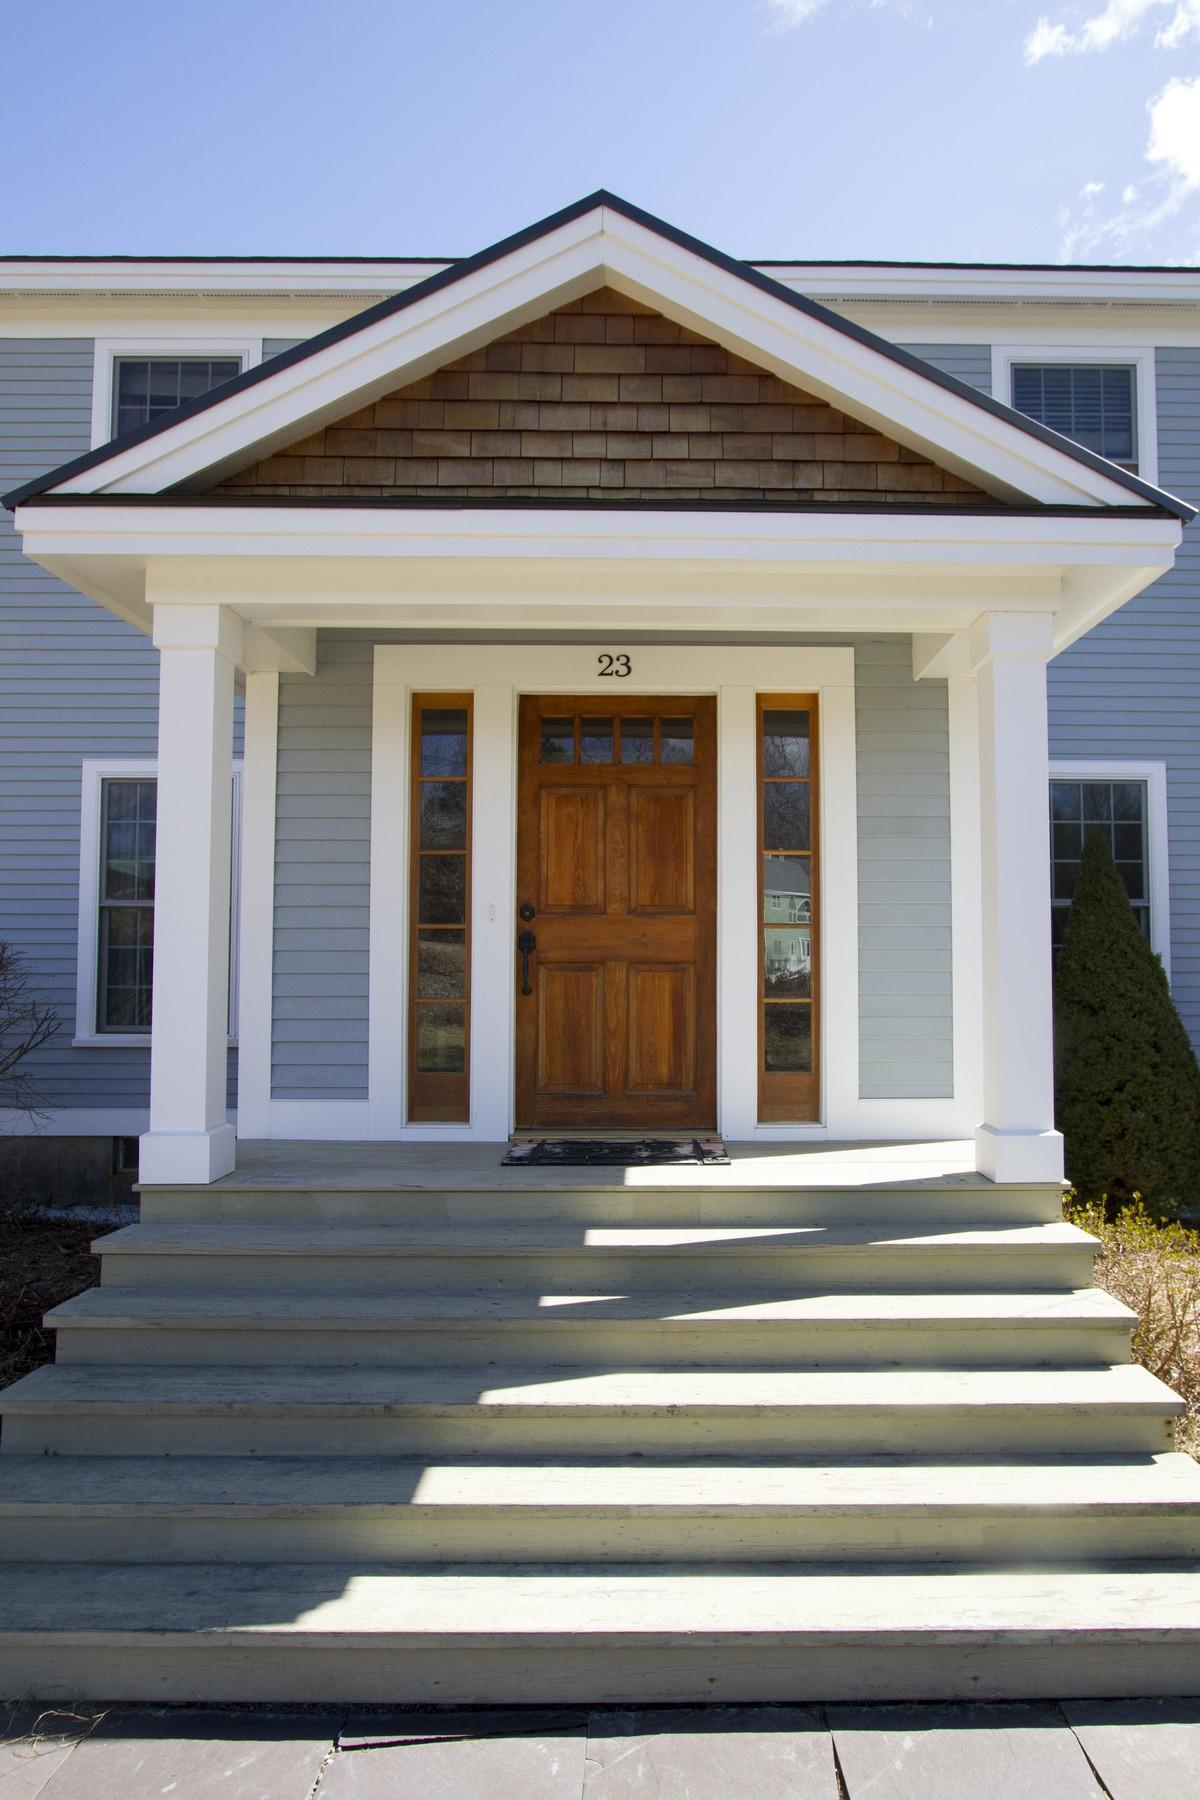 独户住宅 为 销售 在 23 Sherwood Forest, Londonderry 伦敦德里郡, 佛蒙特州, 05155 美国